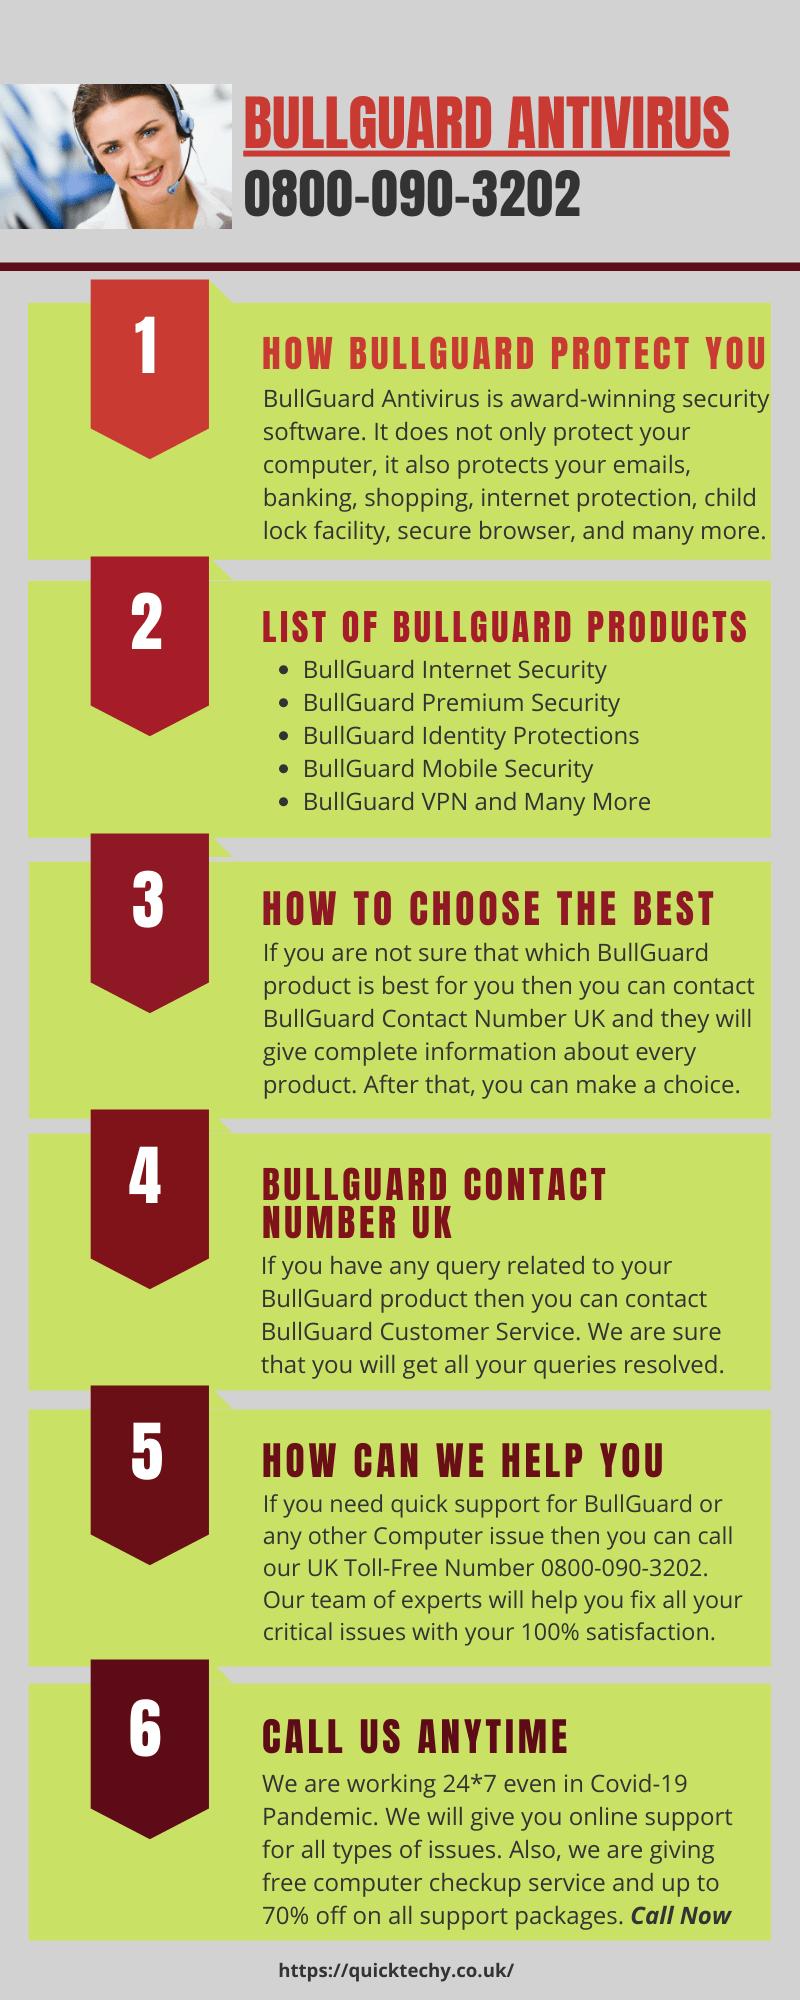 BullGuard Customer Service UK   0800-090-3202